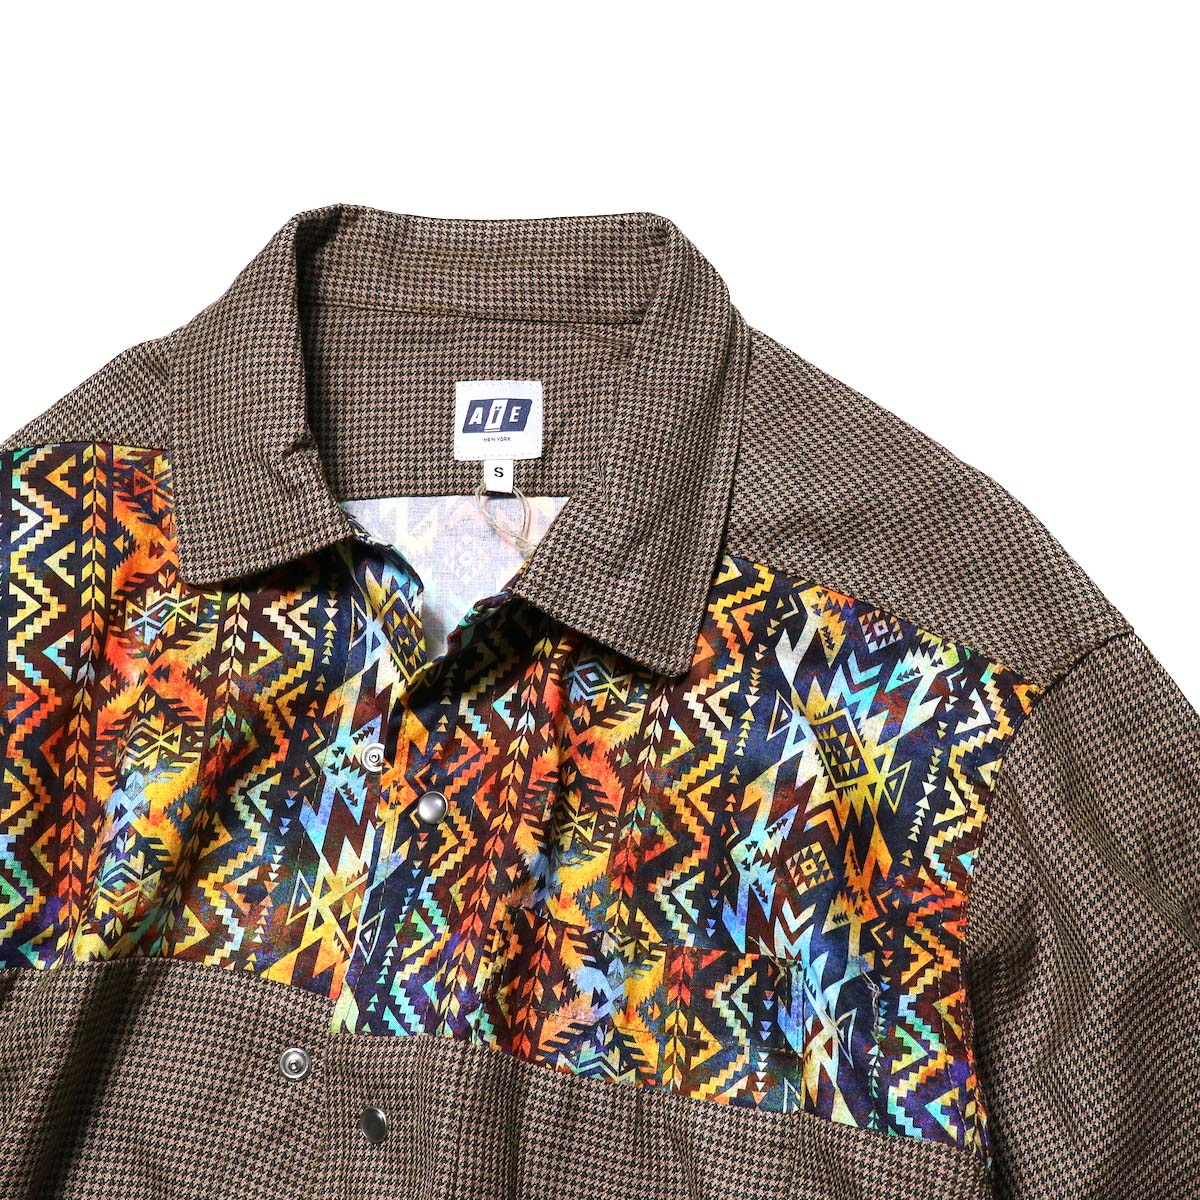 AiE / Coach Shirt -Wool Check (Brown)ヨーク